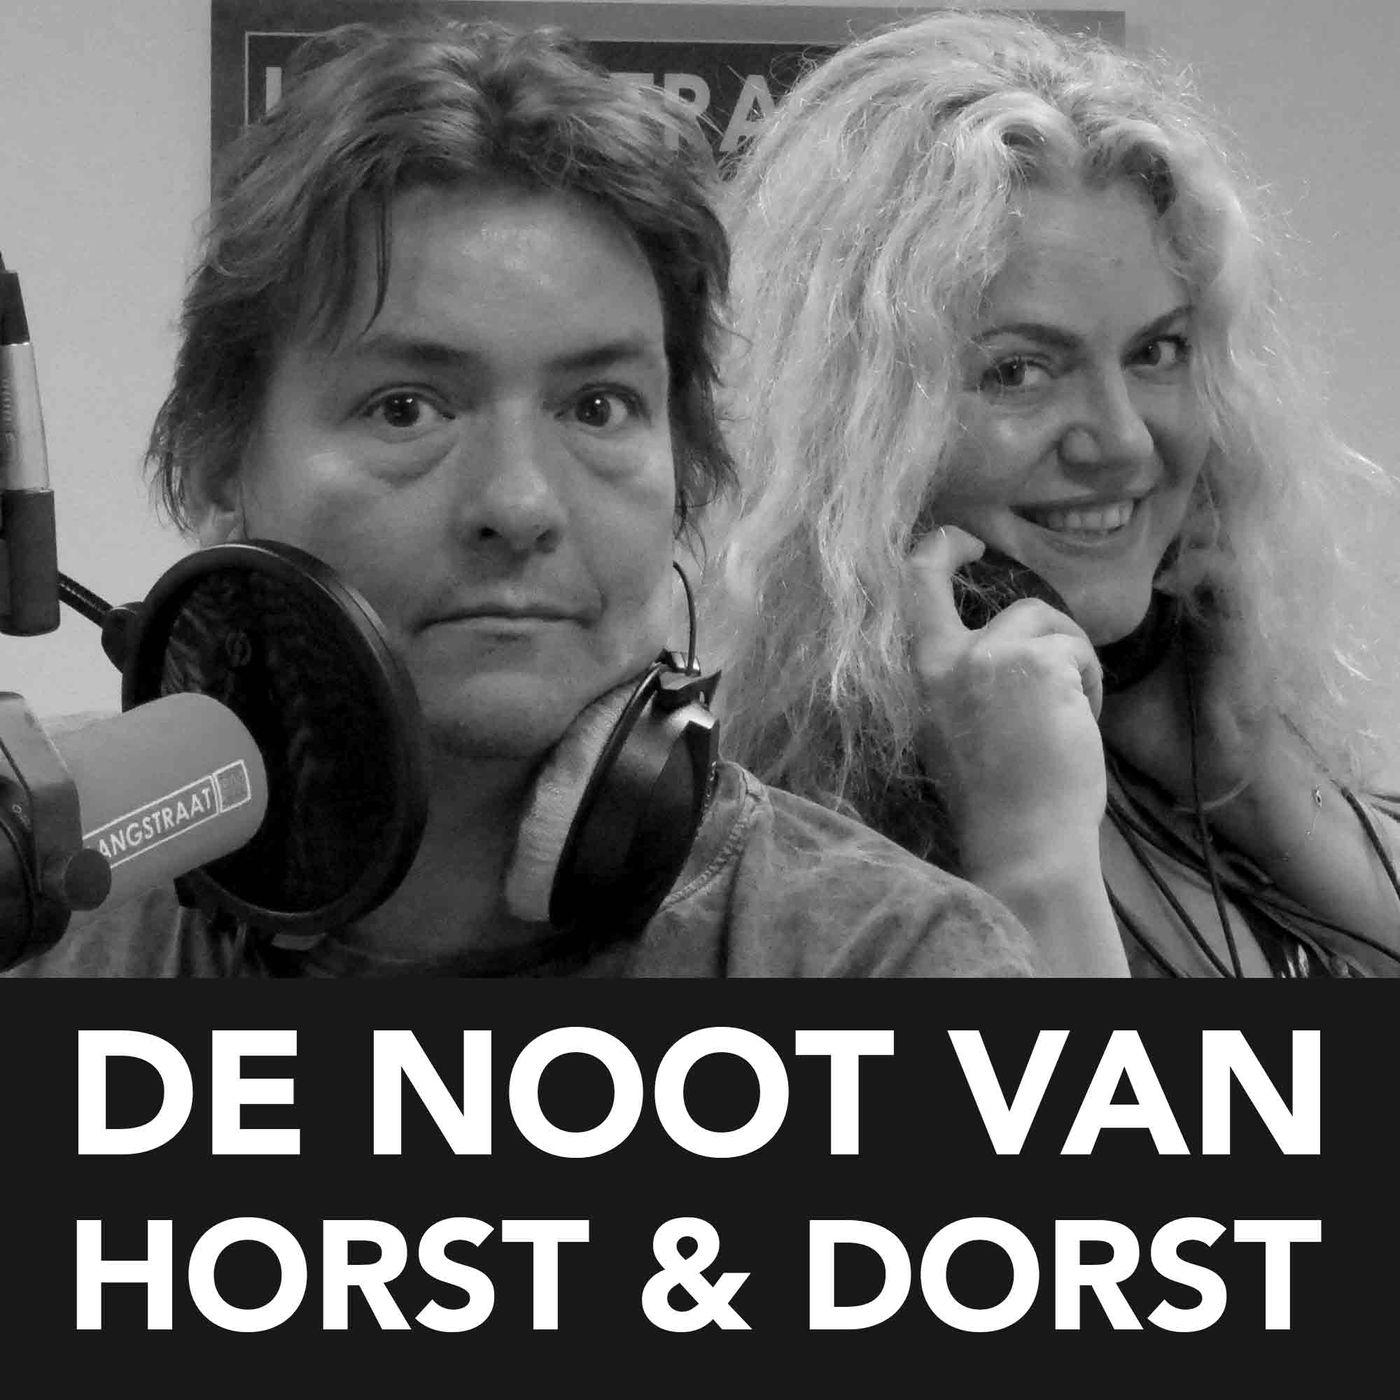 De noot van Horst & Dorst logo